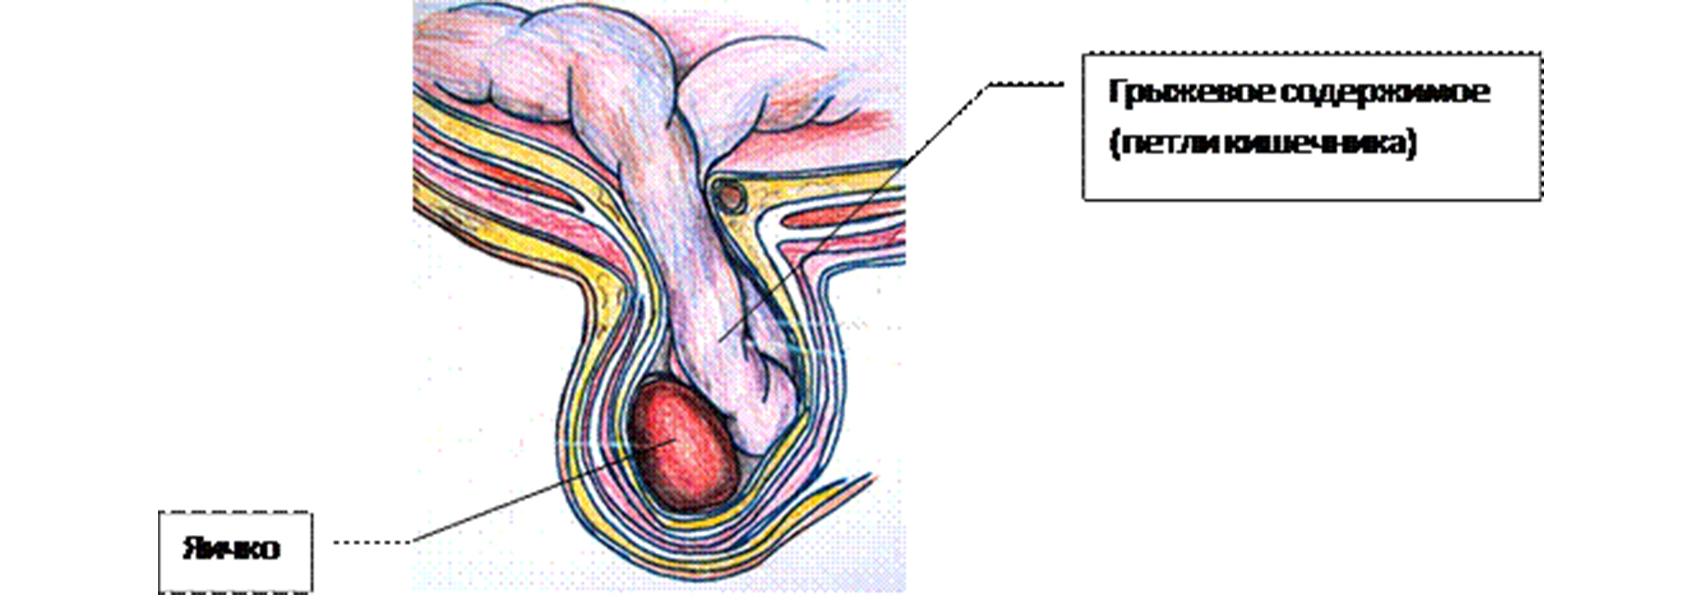 Hogyan befolyásolja a varicocele a testoszteron szintjét a szervezetben?